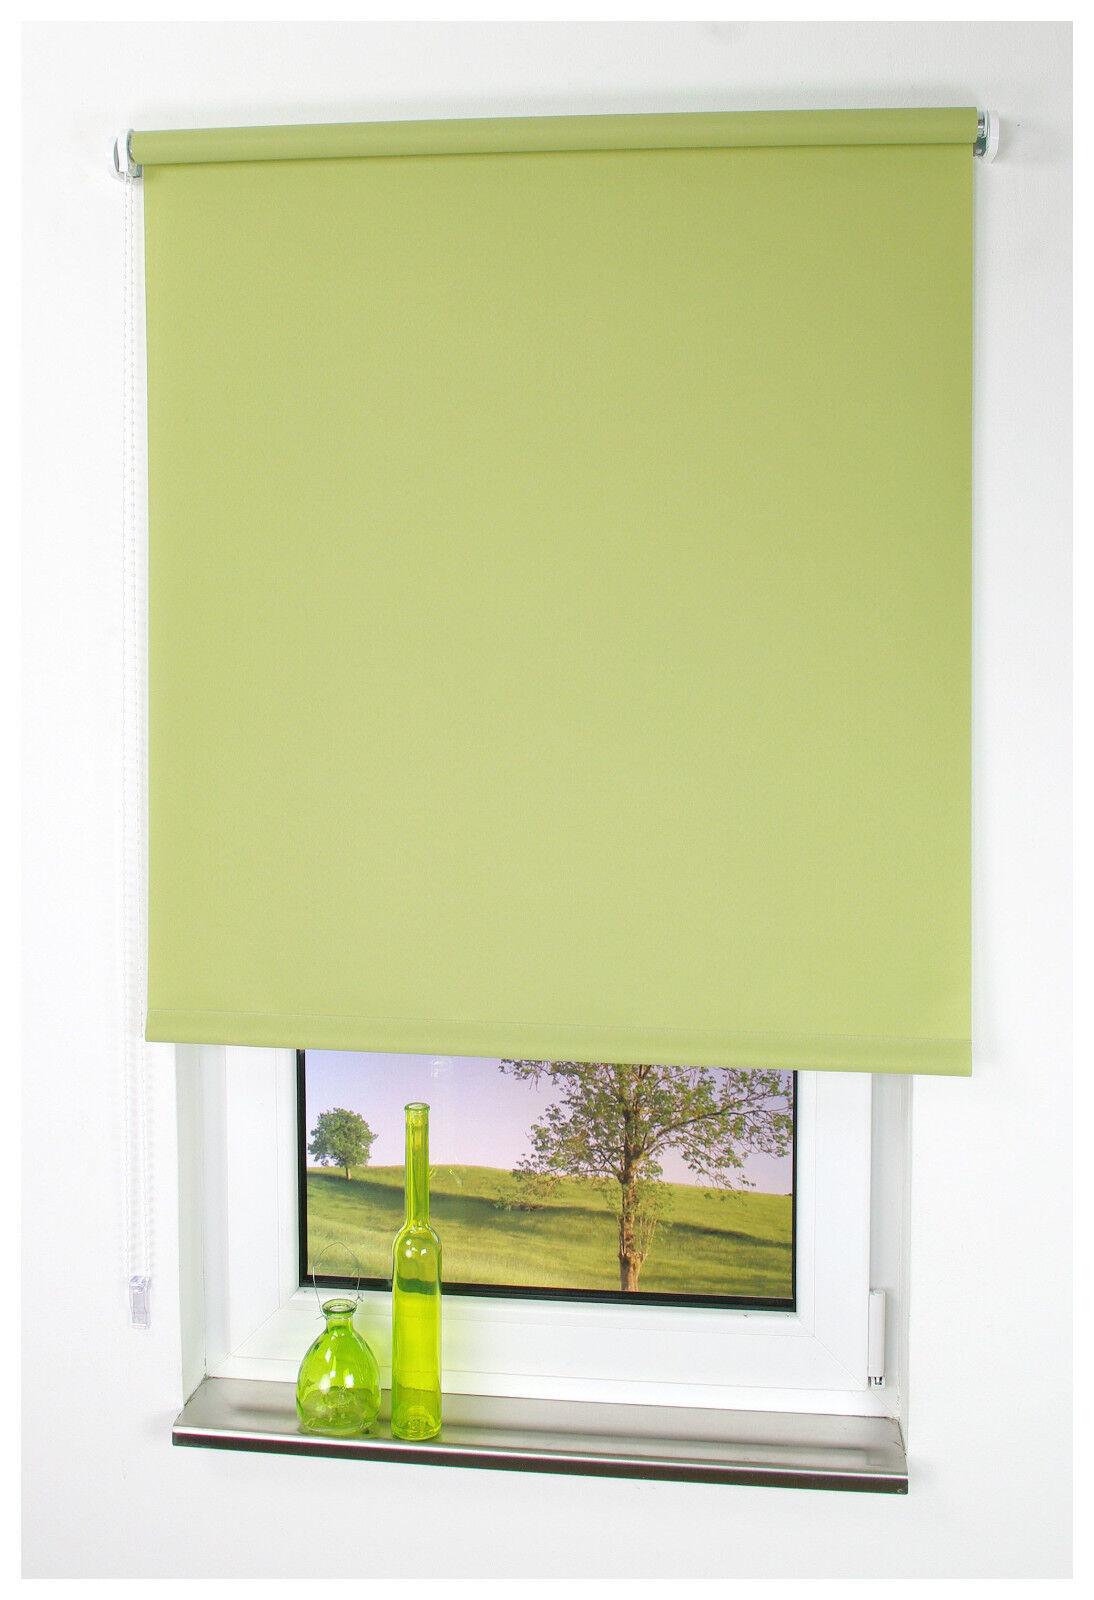 Kettenzugrollo Blattgrün Seitenzugrollo Tür Fensterrollo Sichtschutz Dekoration